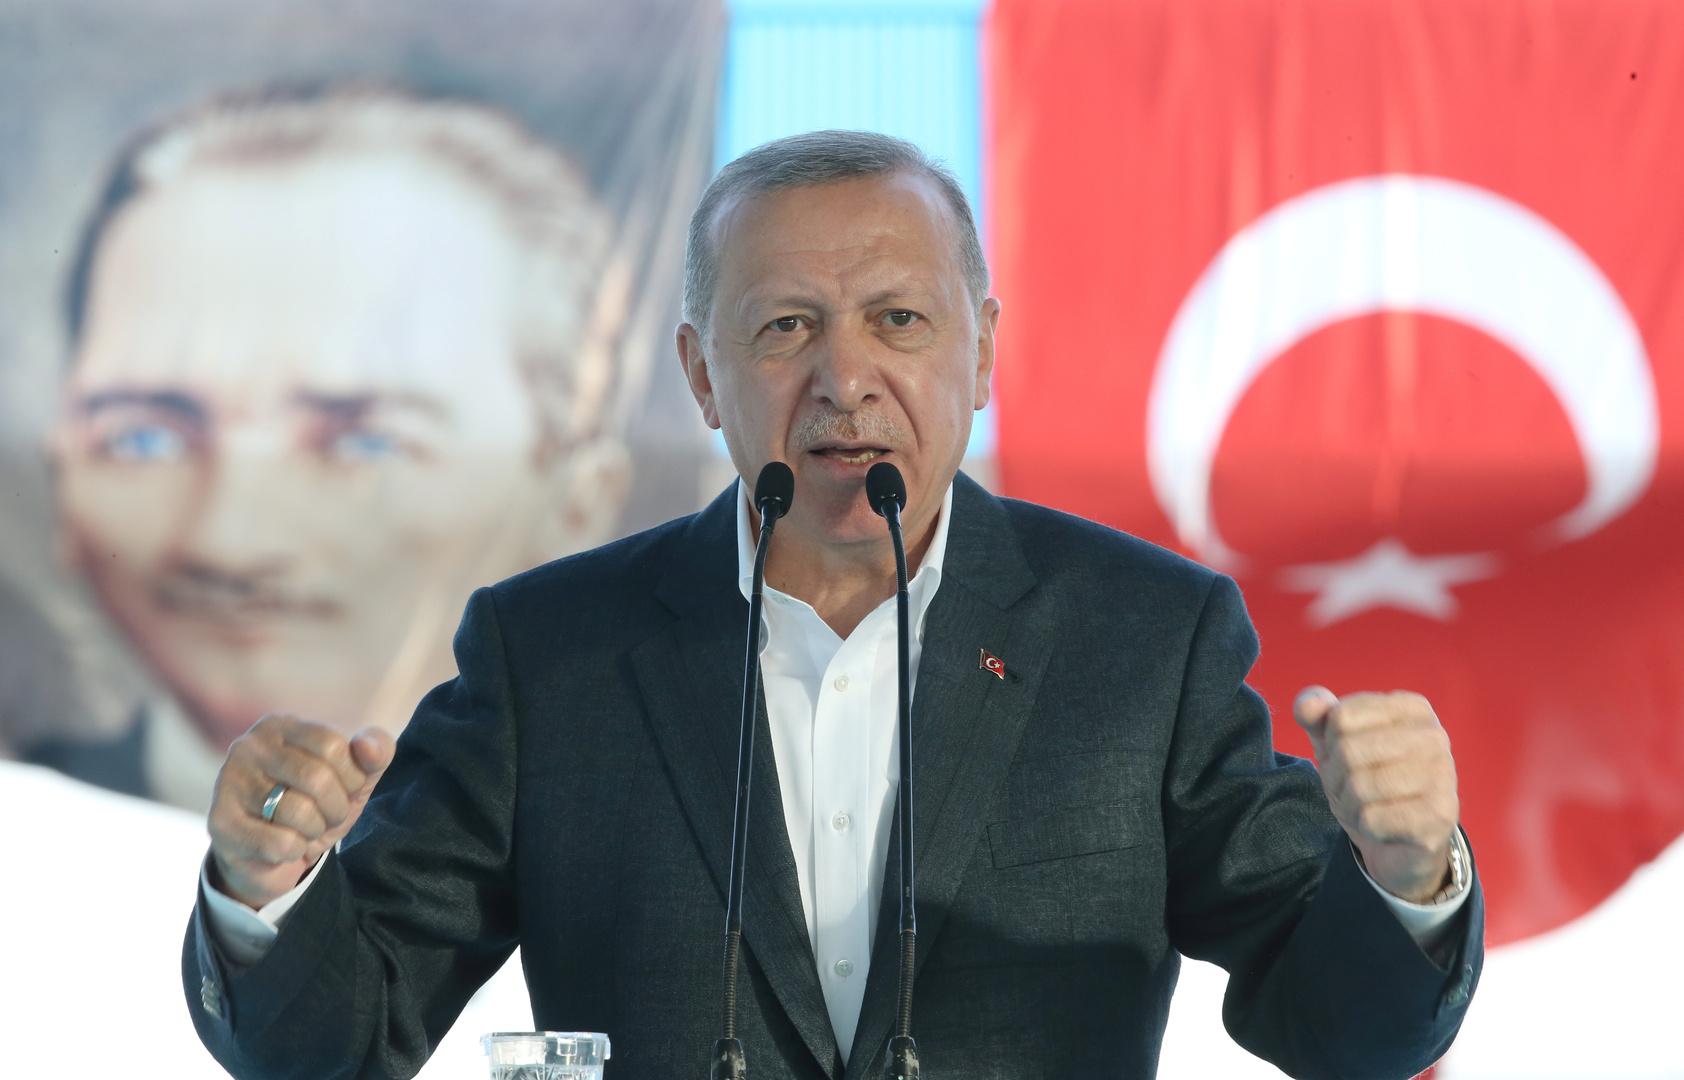 بعد ماكرون.. أردوغان يهاجم ميركل ويدعو العالم لنصرة المسلمين